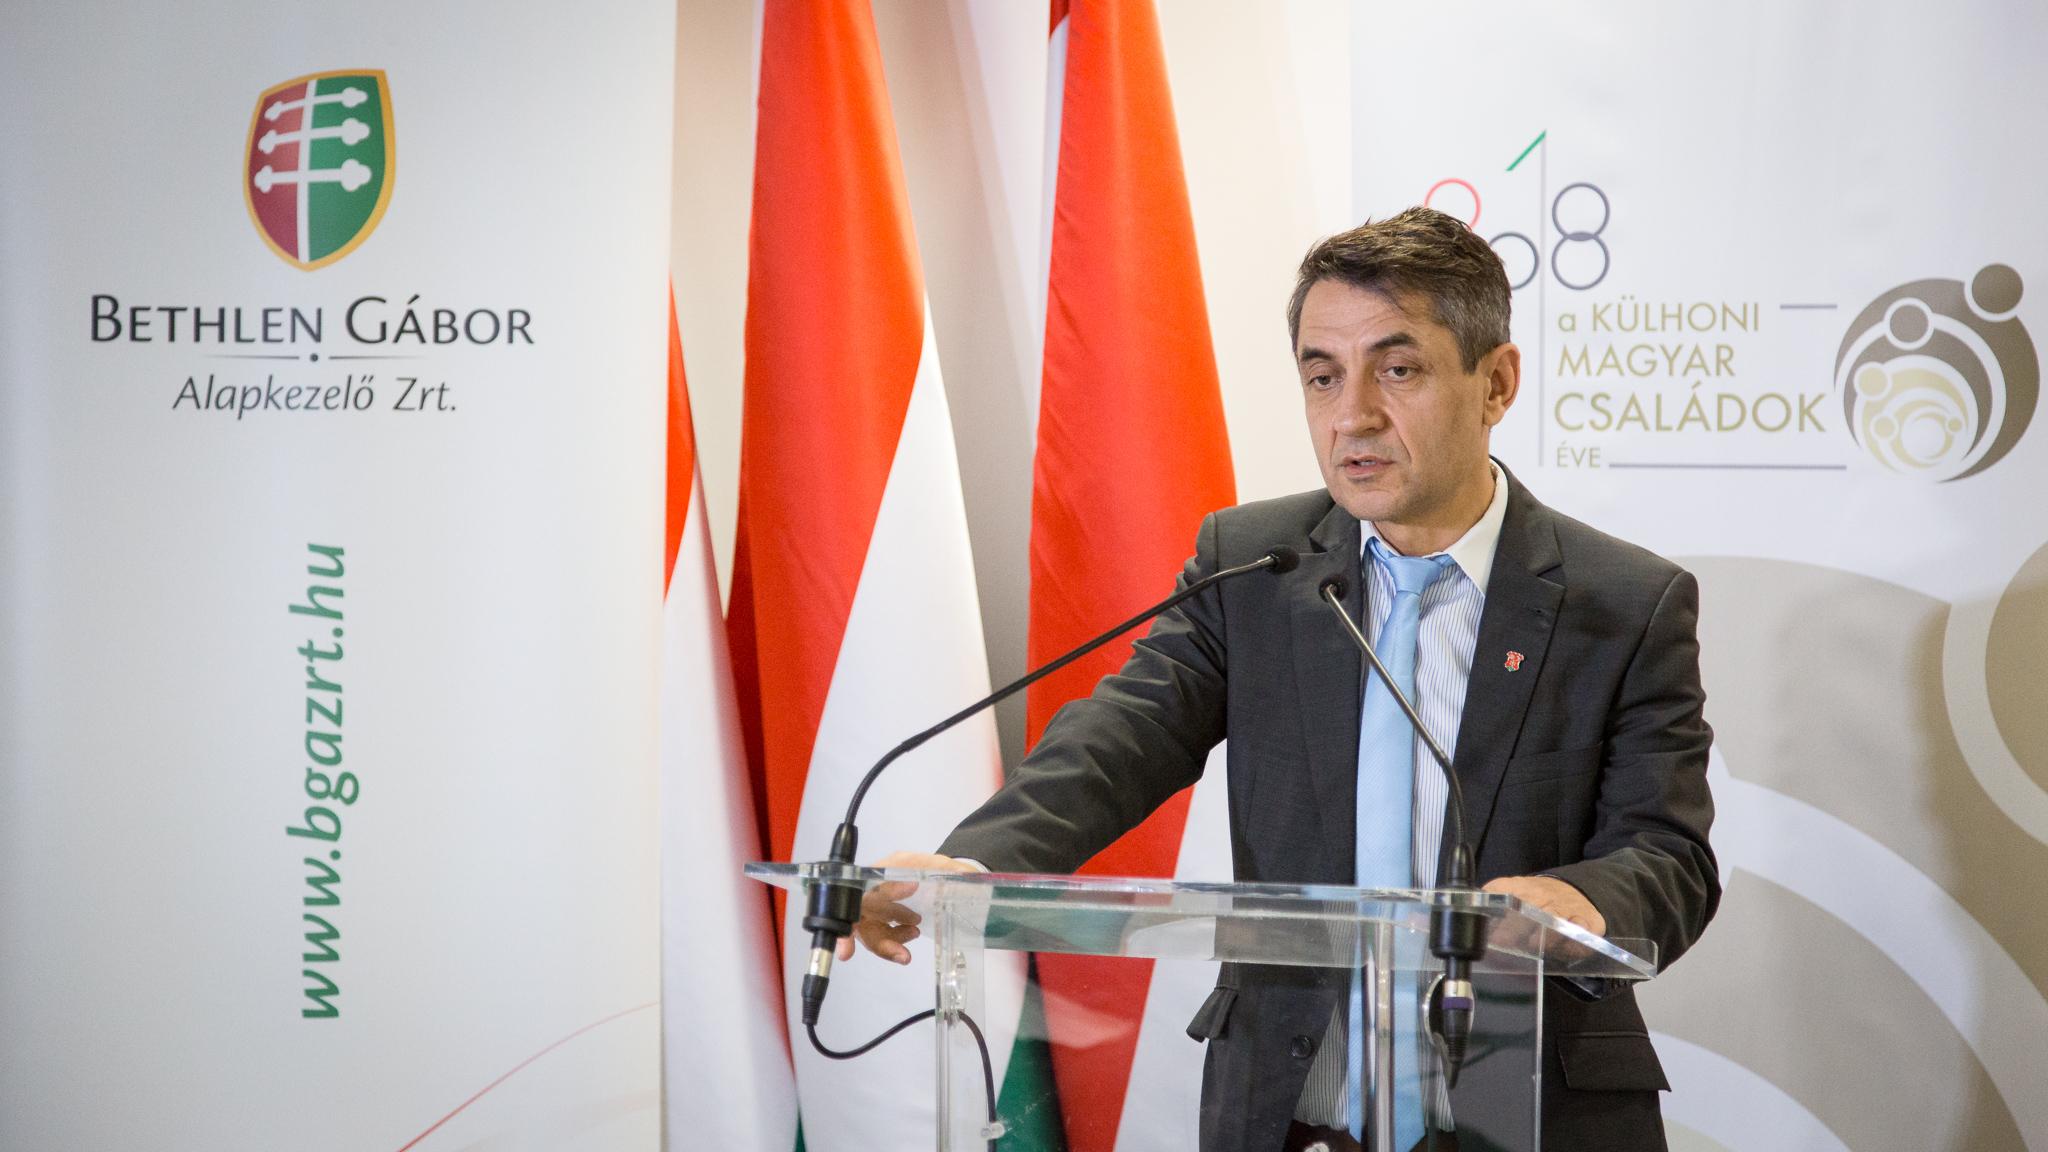 20180307_magyar_csaladok_0009_k